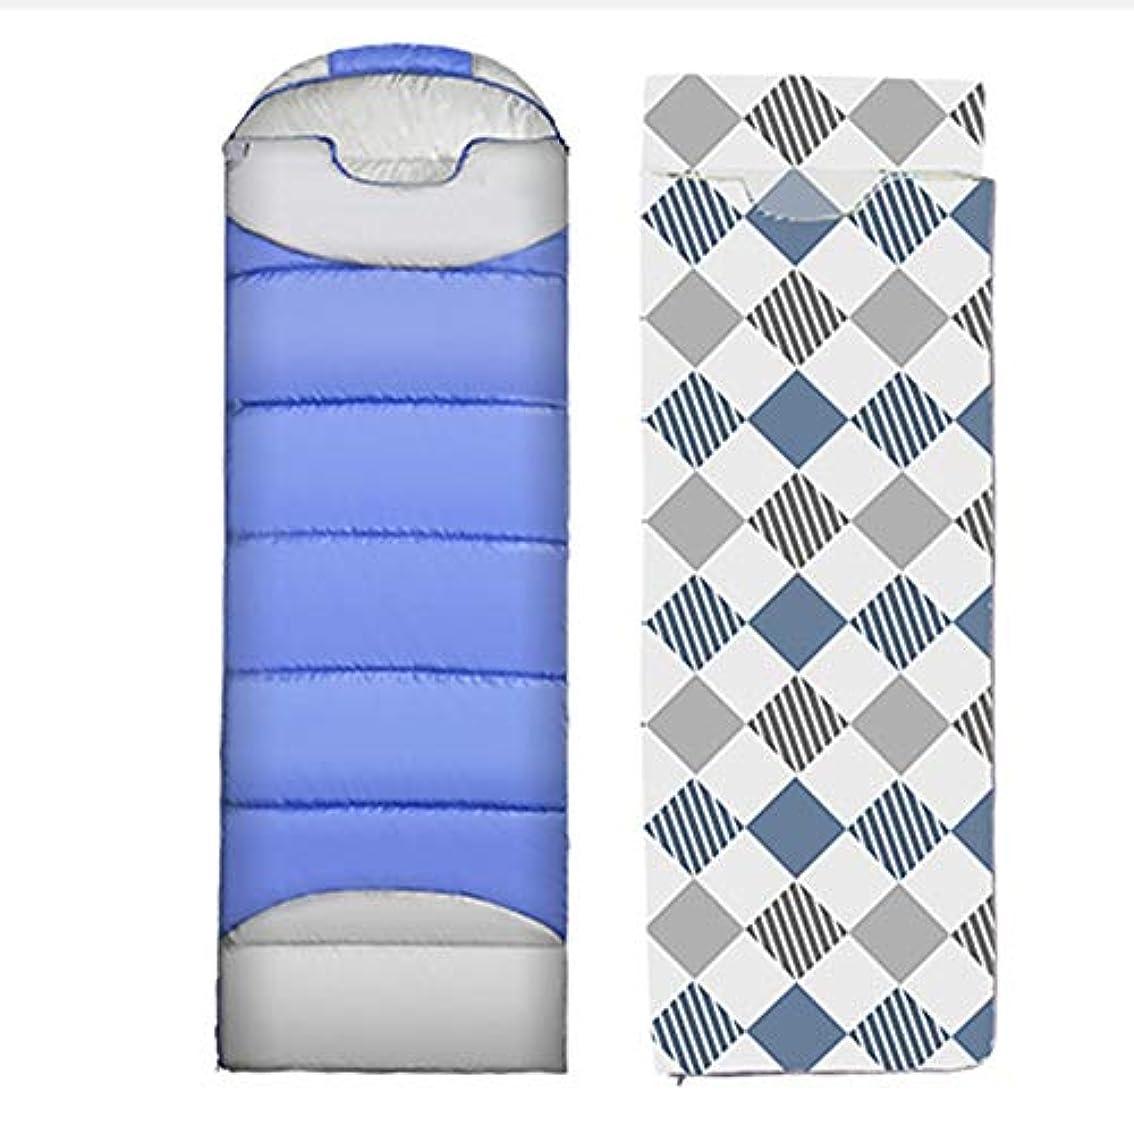 端枠ボードHAPzfsp 寝袋 寝袋大人の屋外男性と女性の断熱屋内屋外キャンプU字型デザインシームレスドッキング 旅行、屋外、ホテル、登山、キャンプ、携帯 (Color : Blue)